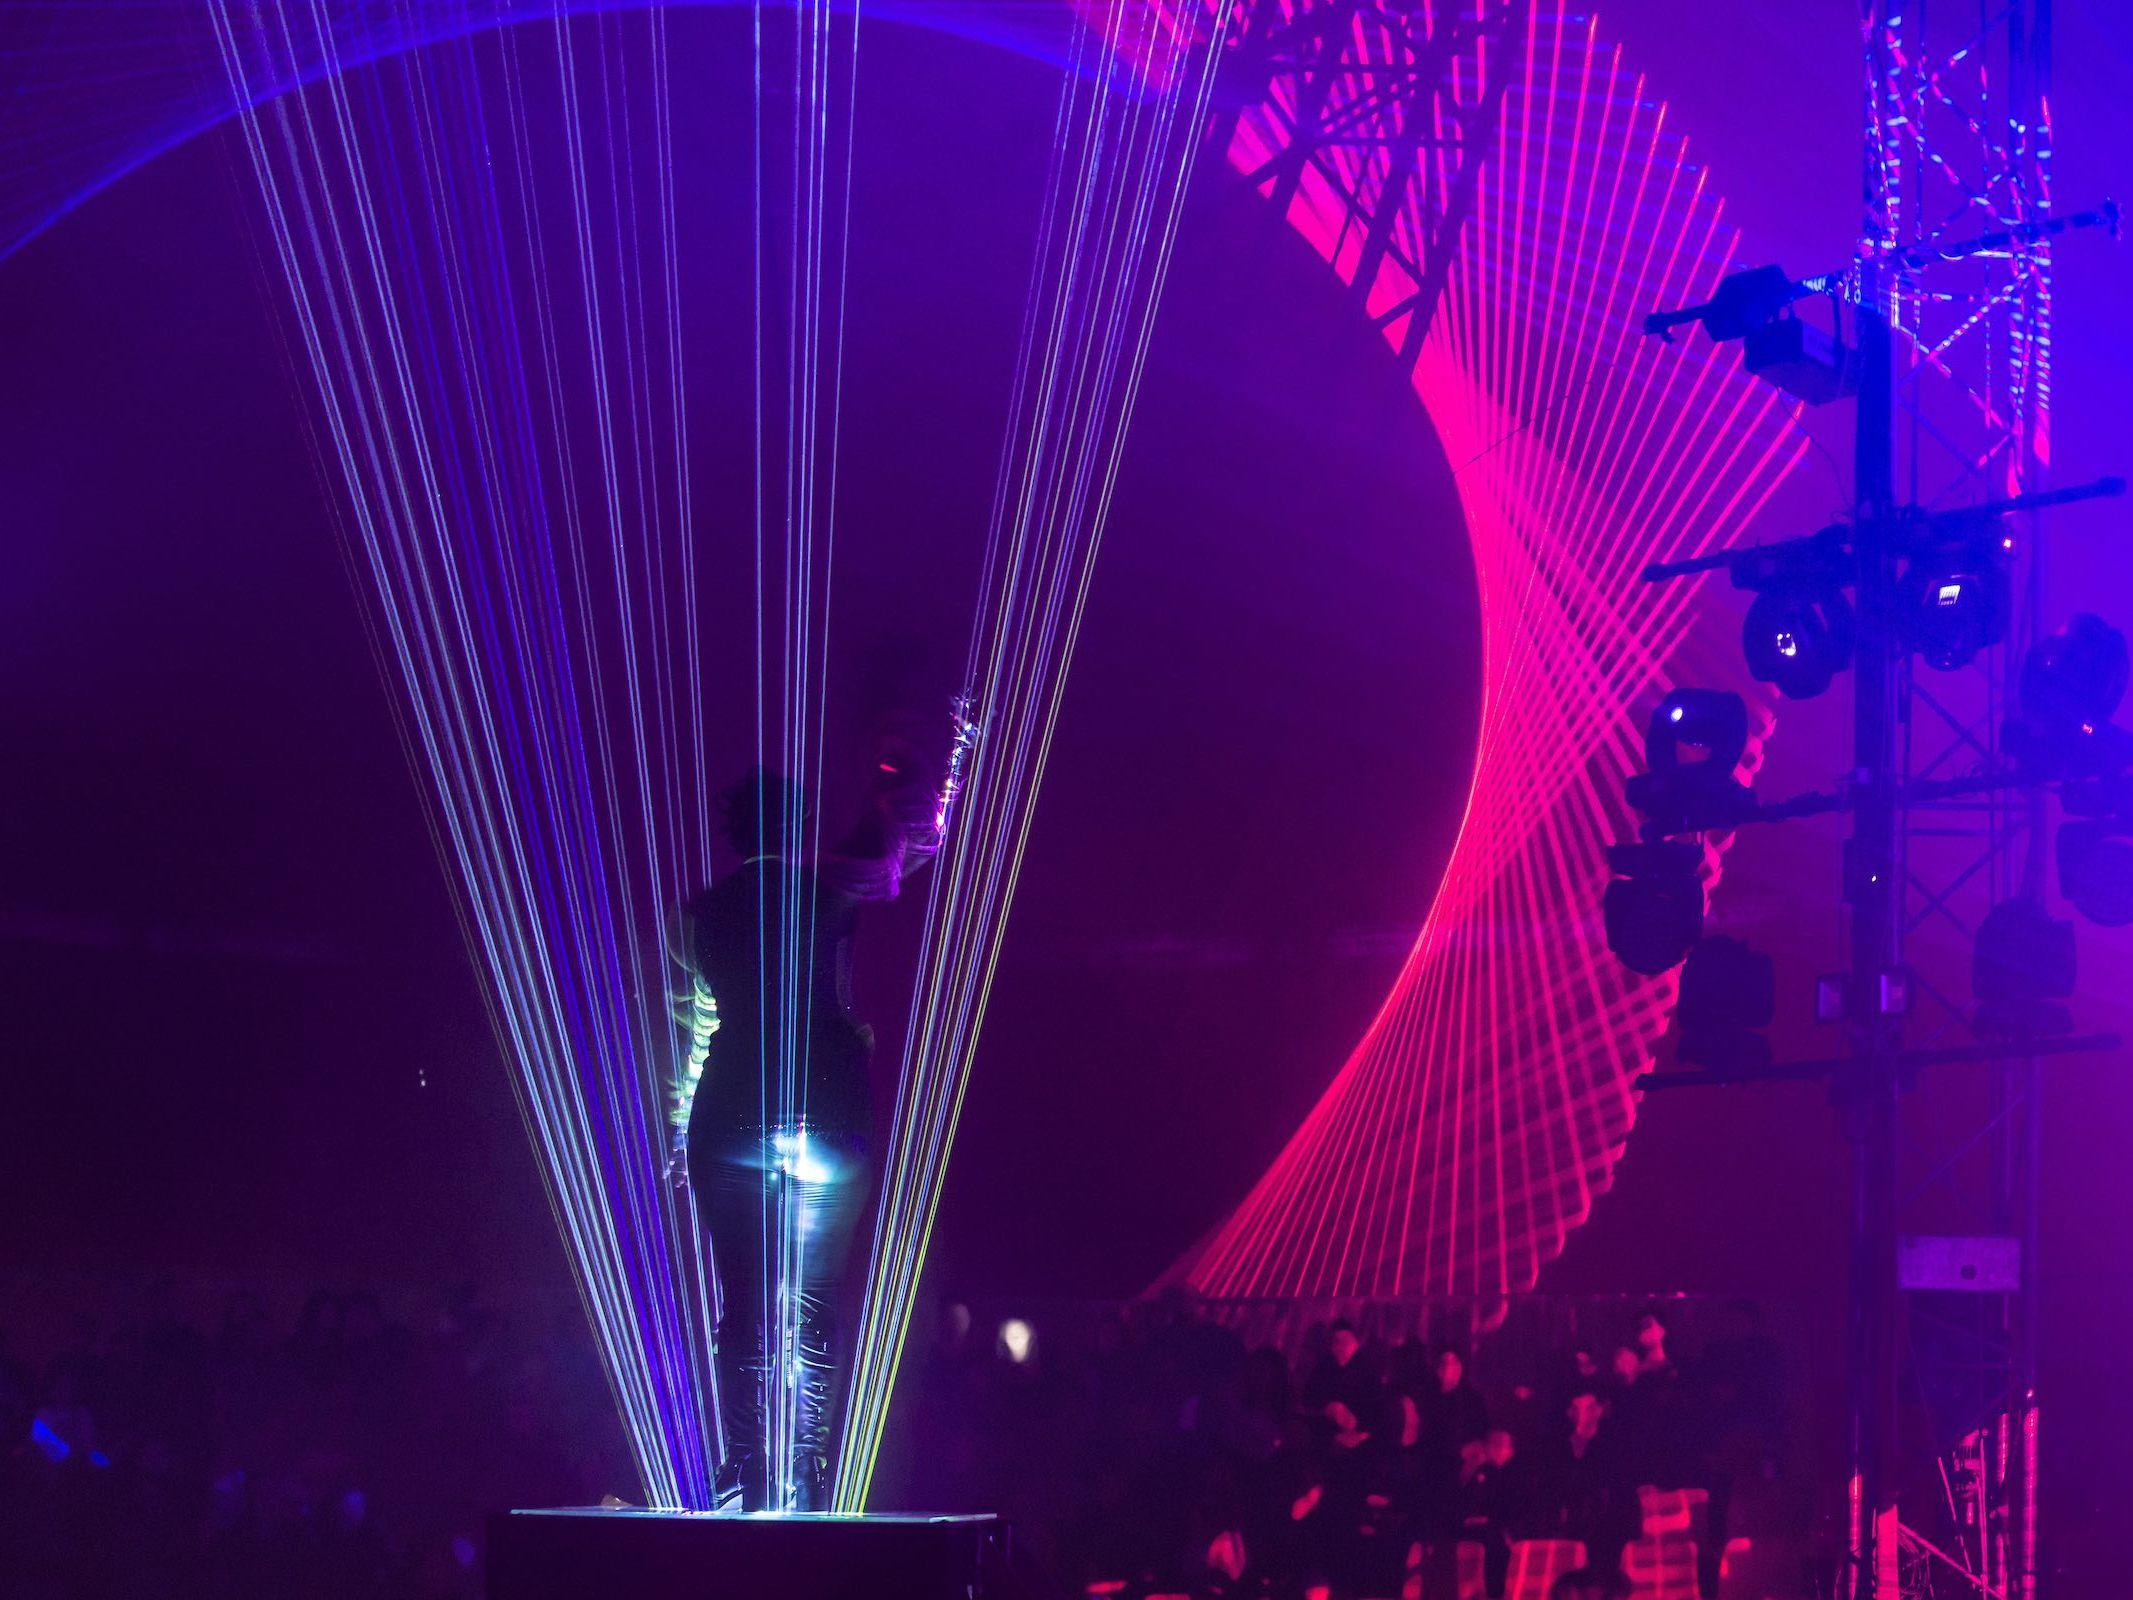 Lasershow | Laser | Technik | Event | Show | Laser | Lichtshow | Outdoor | Beamshow | Lichttechnik | Indoor | Lightshow | Bühnenshow | Präsentation | Business | Anfragen | Buchen | Mieten | Lehmann | Eventservice